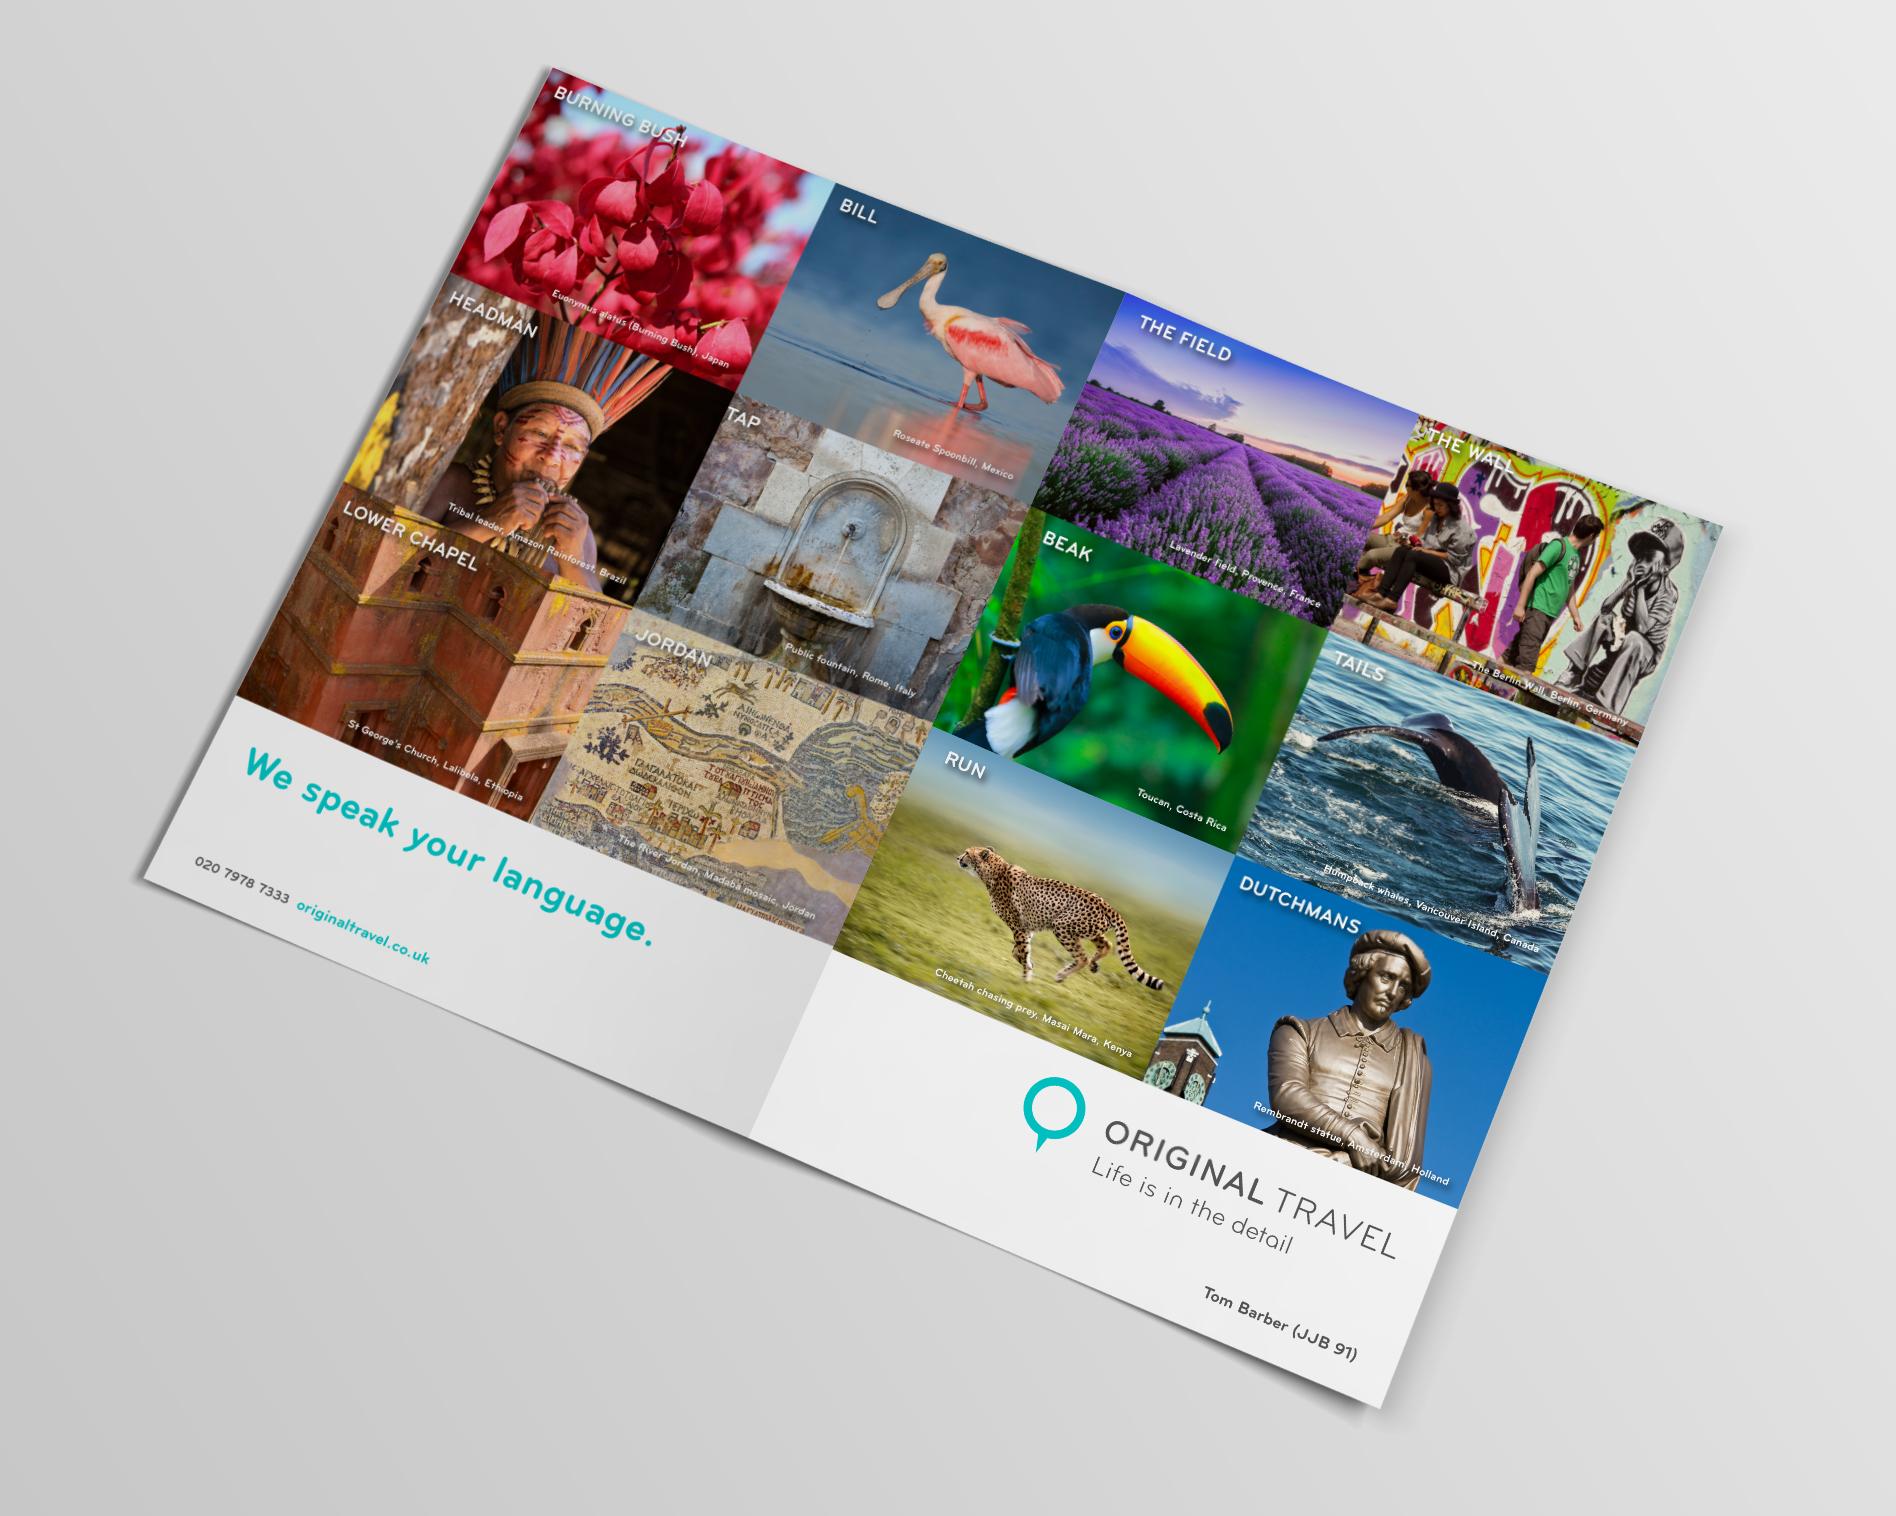 Bolter Design print design Original Travel